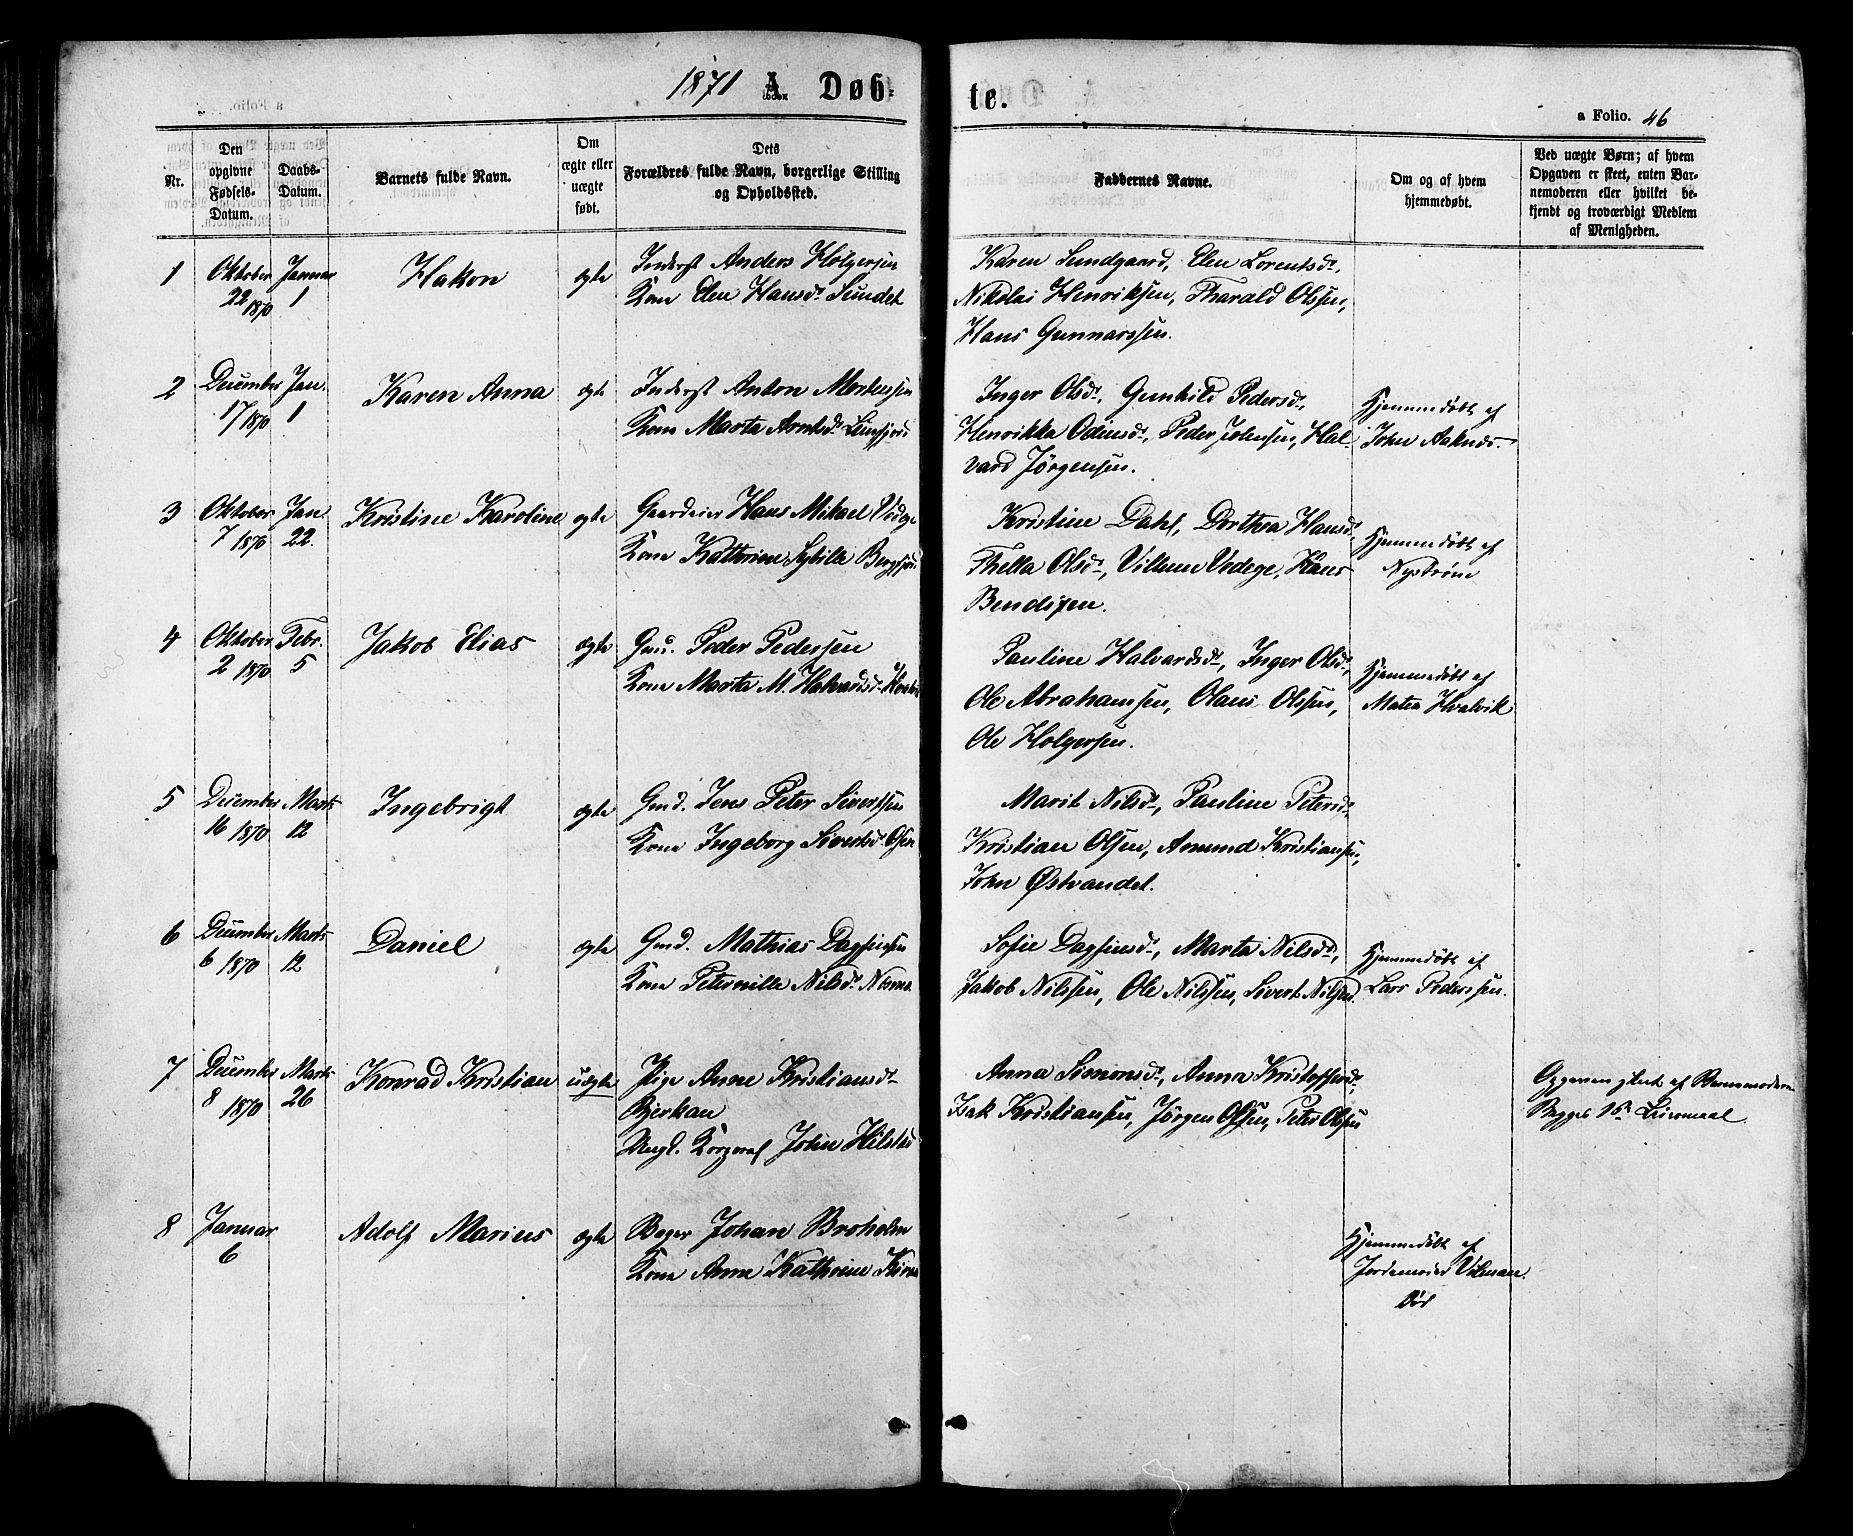 SAT, Ministerialprotokoller, klokkerbøker og fødselsregistre - Sør-Trøndelag, 657/L0706: Ministerialbok nr. 657A07, 1867-1878, s. 46